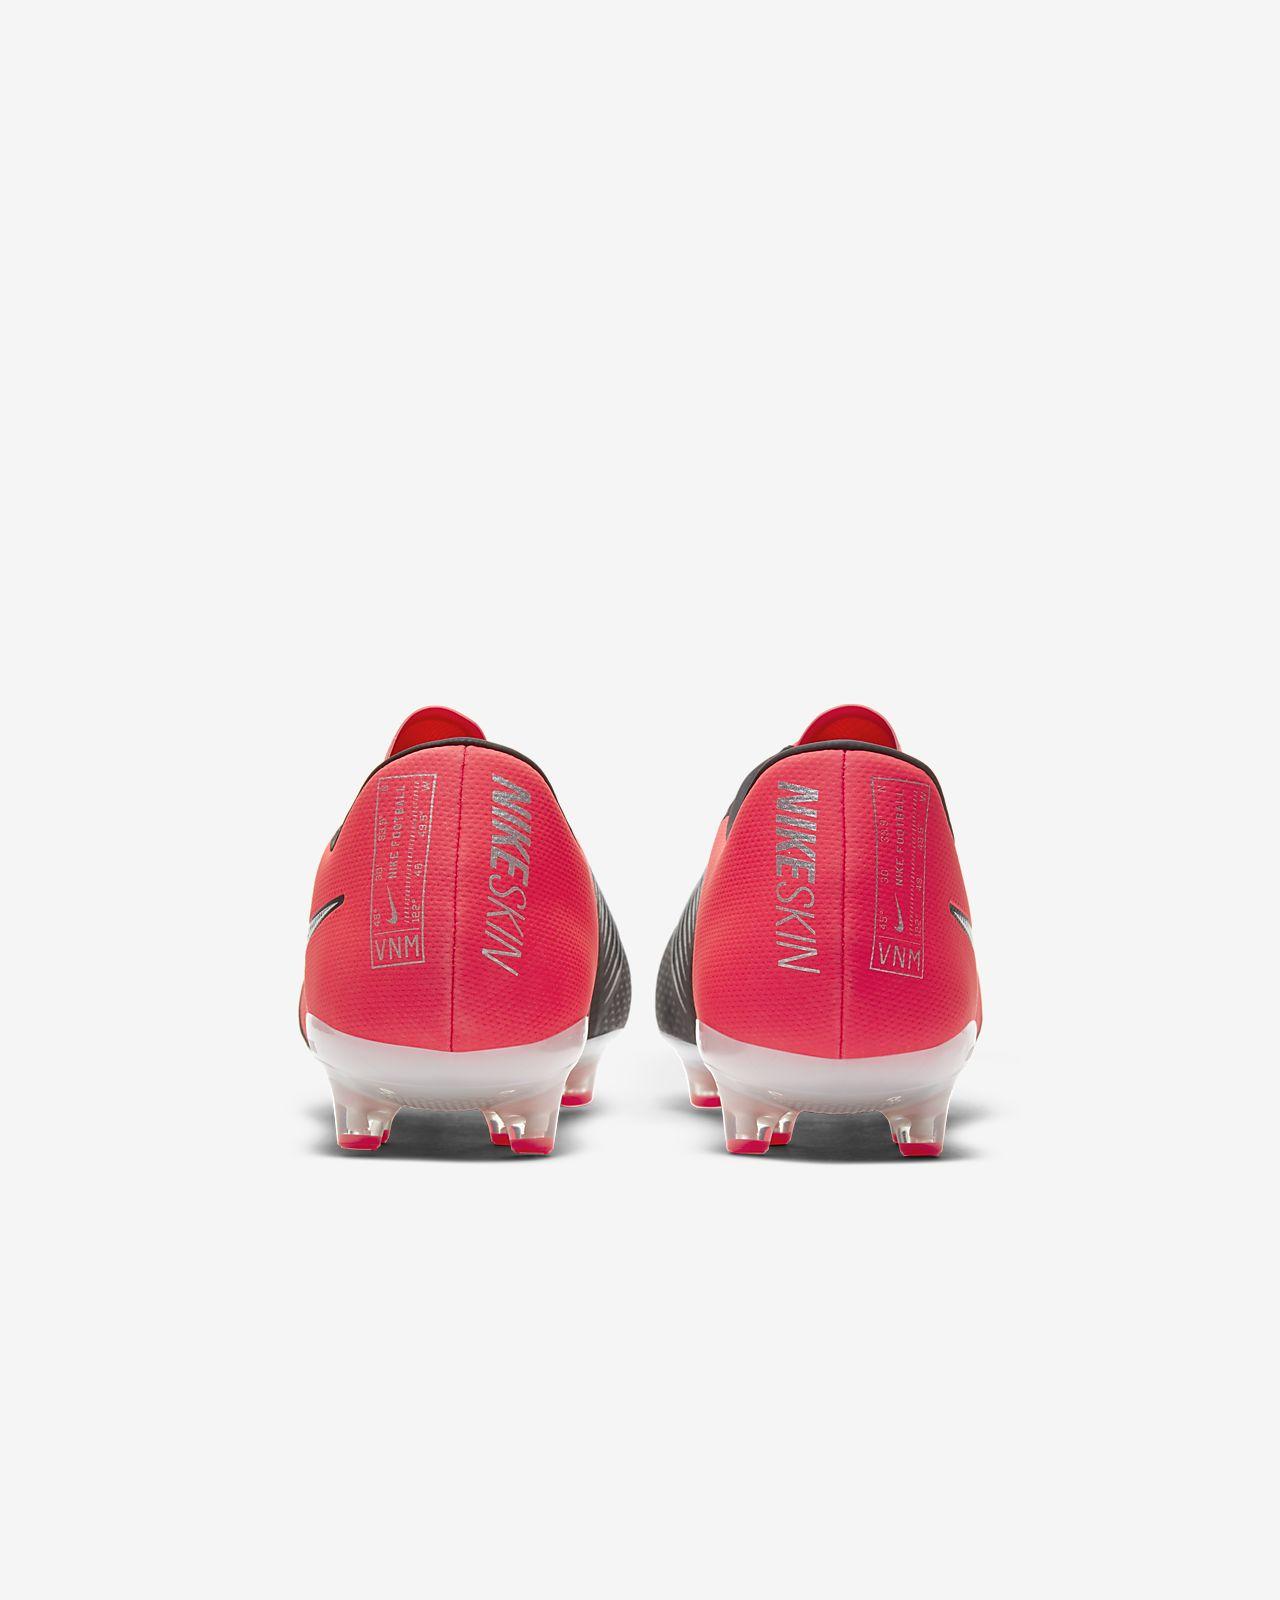 Nike Phantom Venom Pro AG Pro Artificial Grass Football Boot